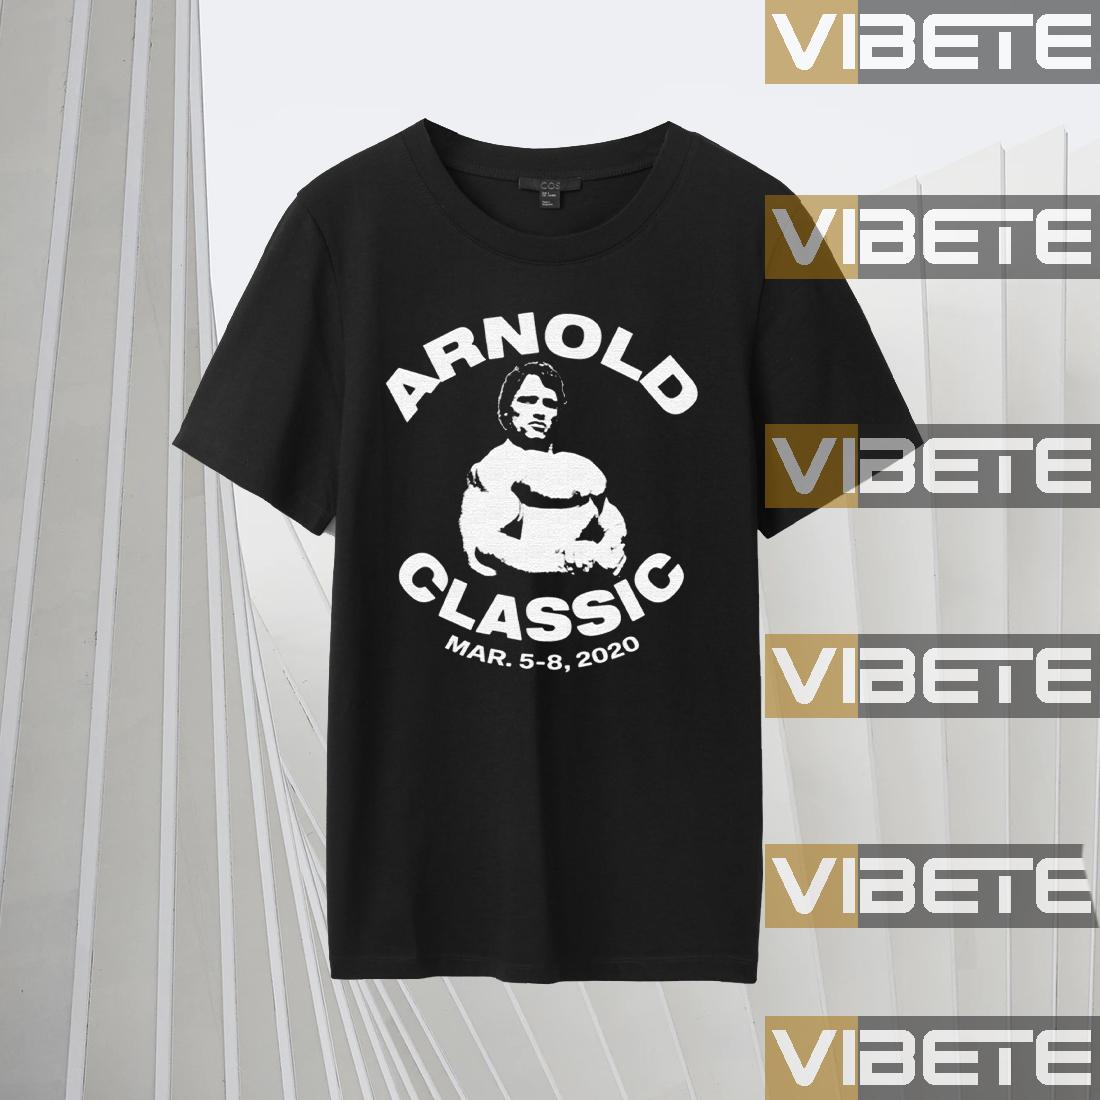 Arnold Classic 2020 TShirt